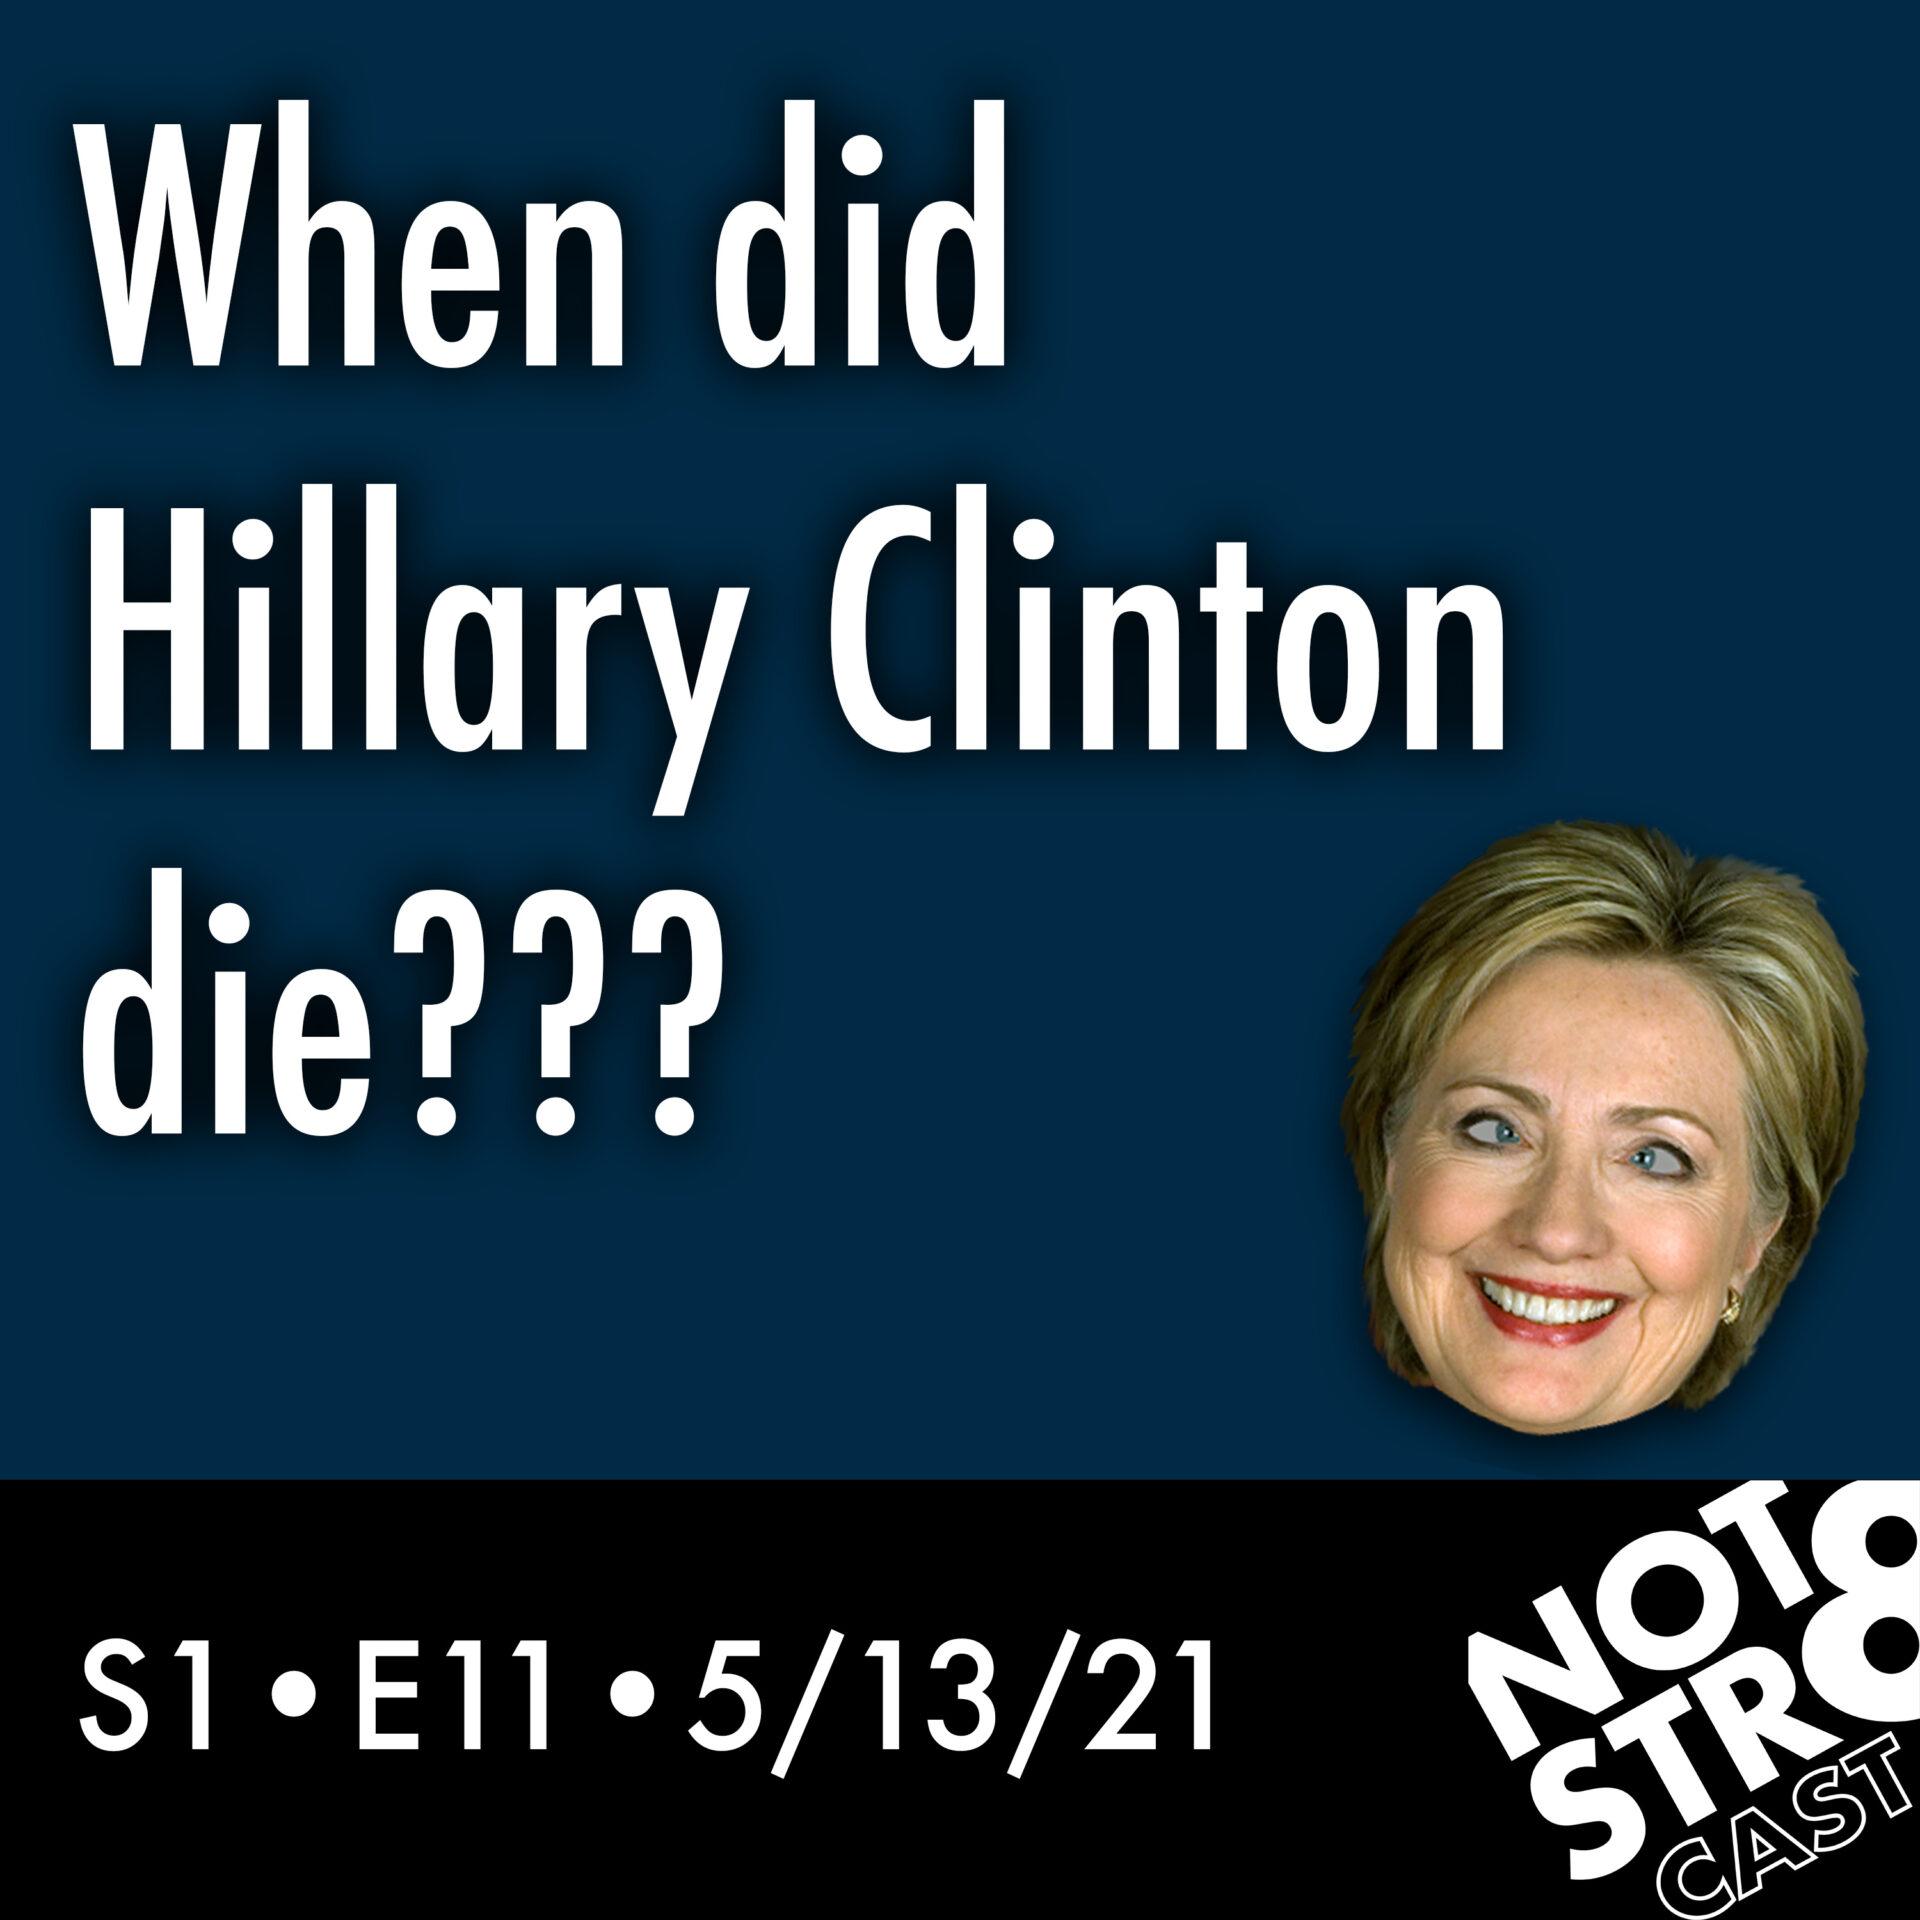 When did Hillary Clinton die???